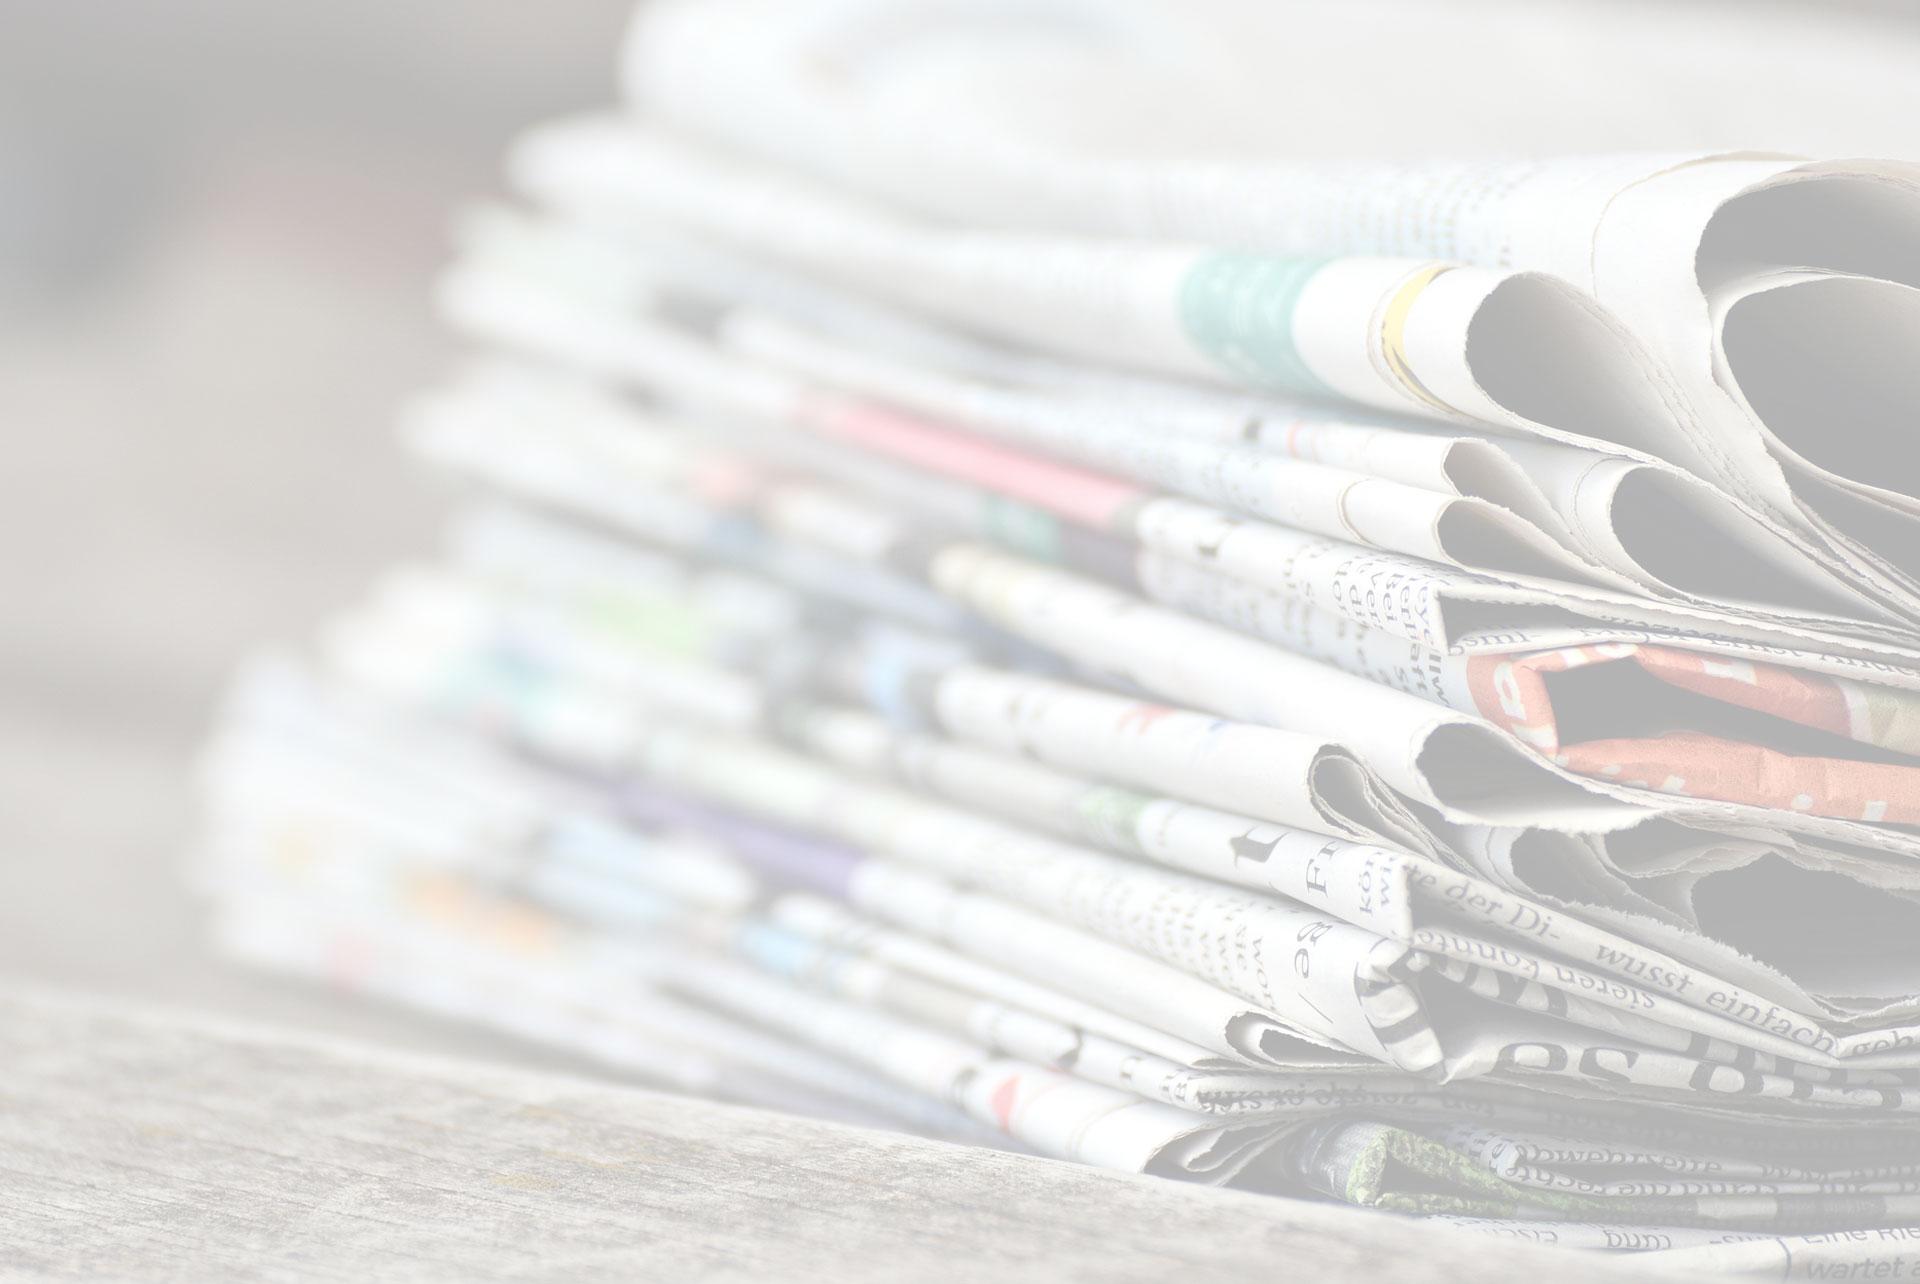 CGIL Reggio Calabria